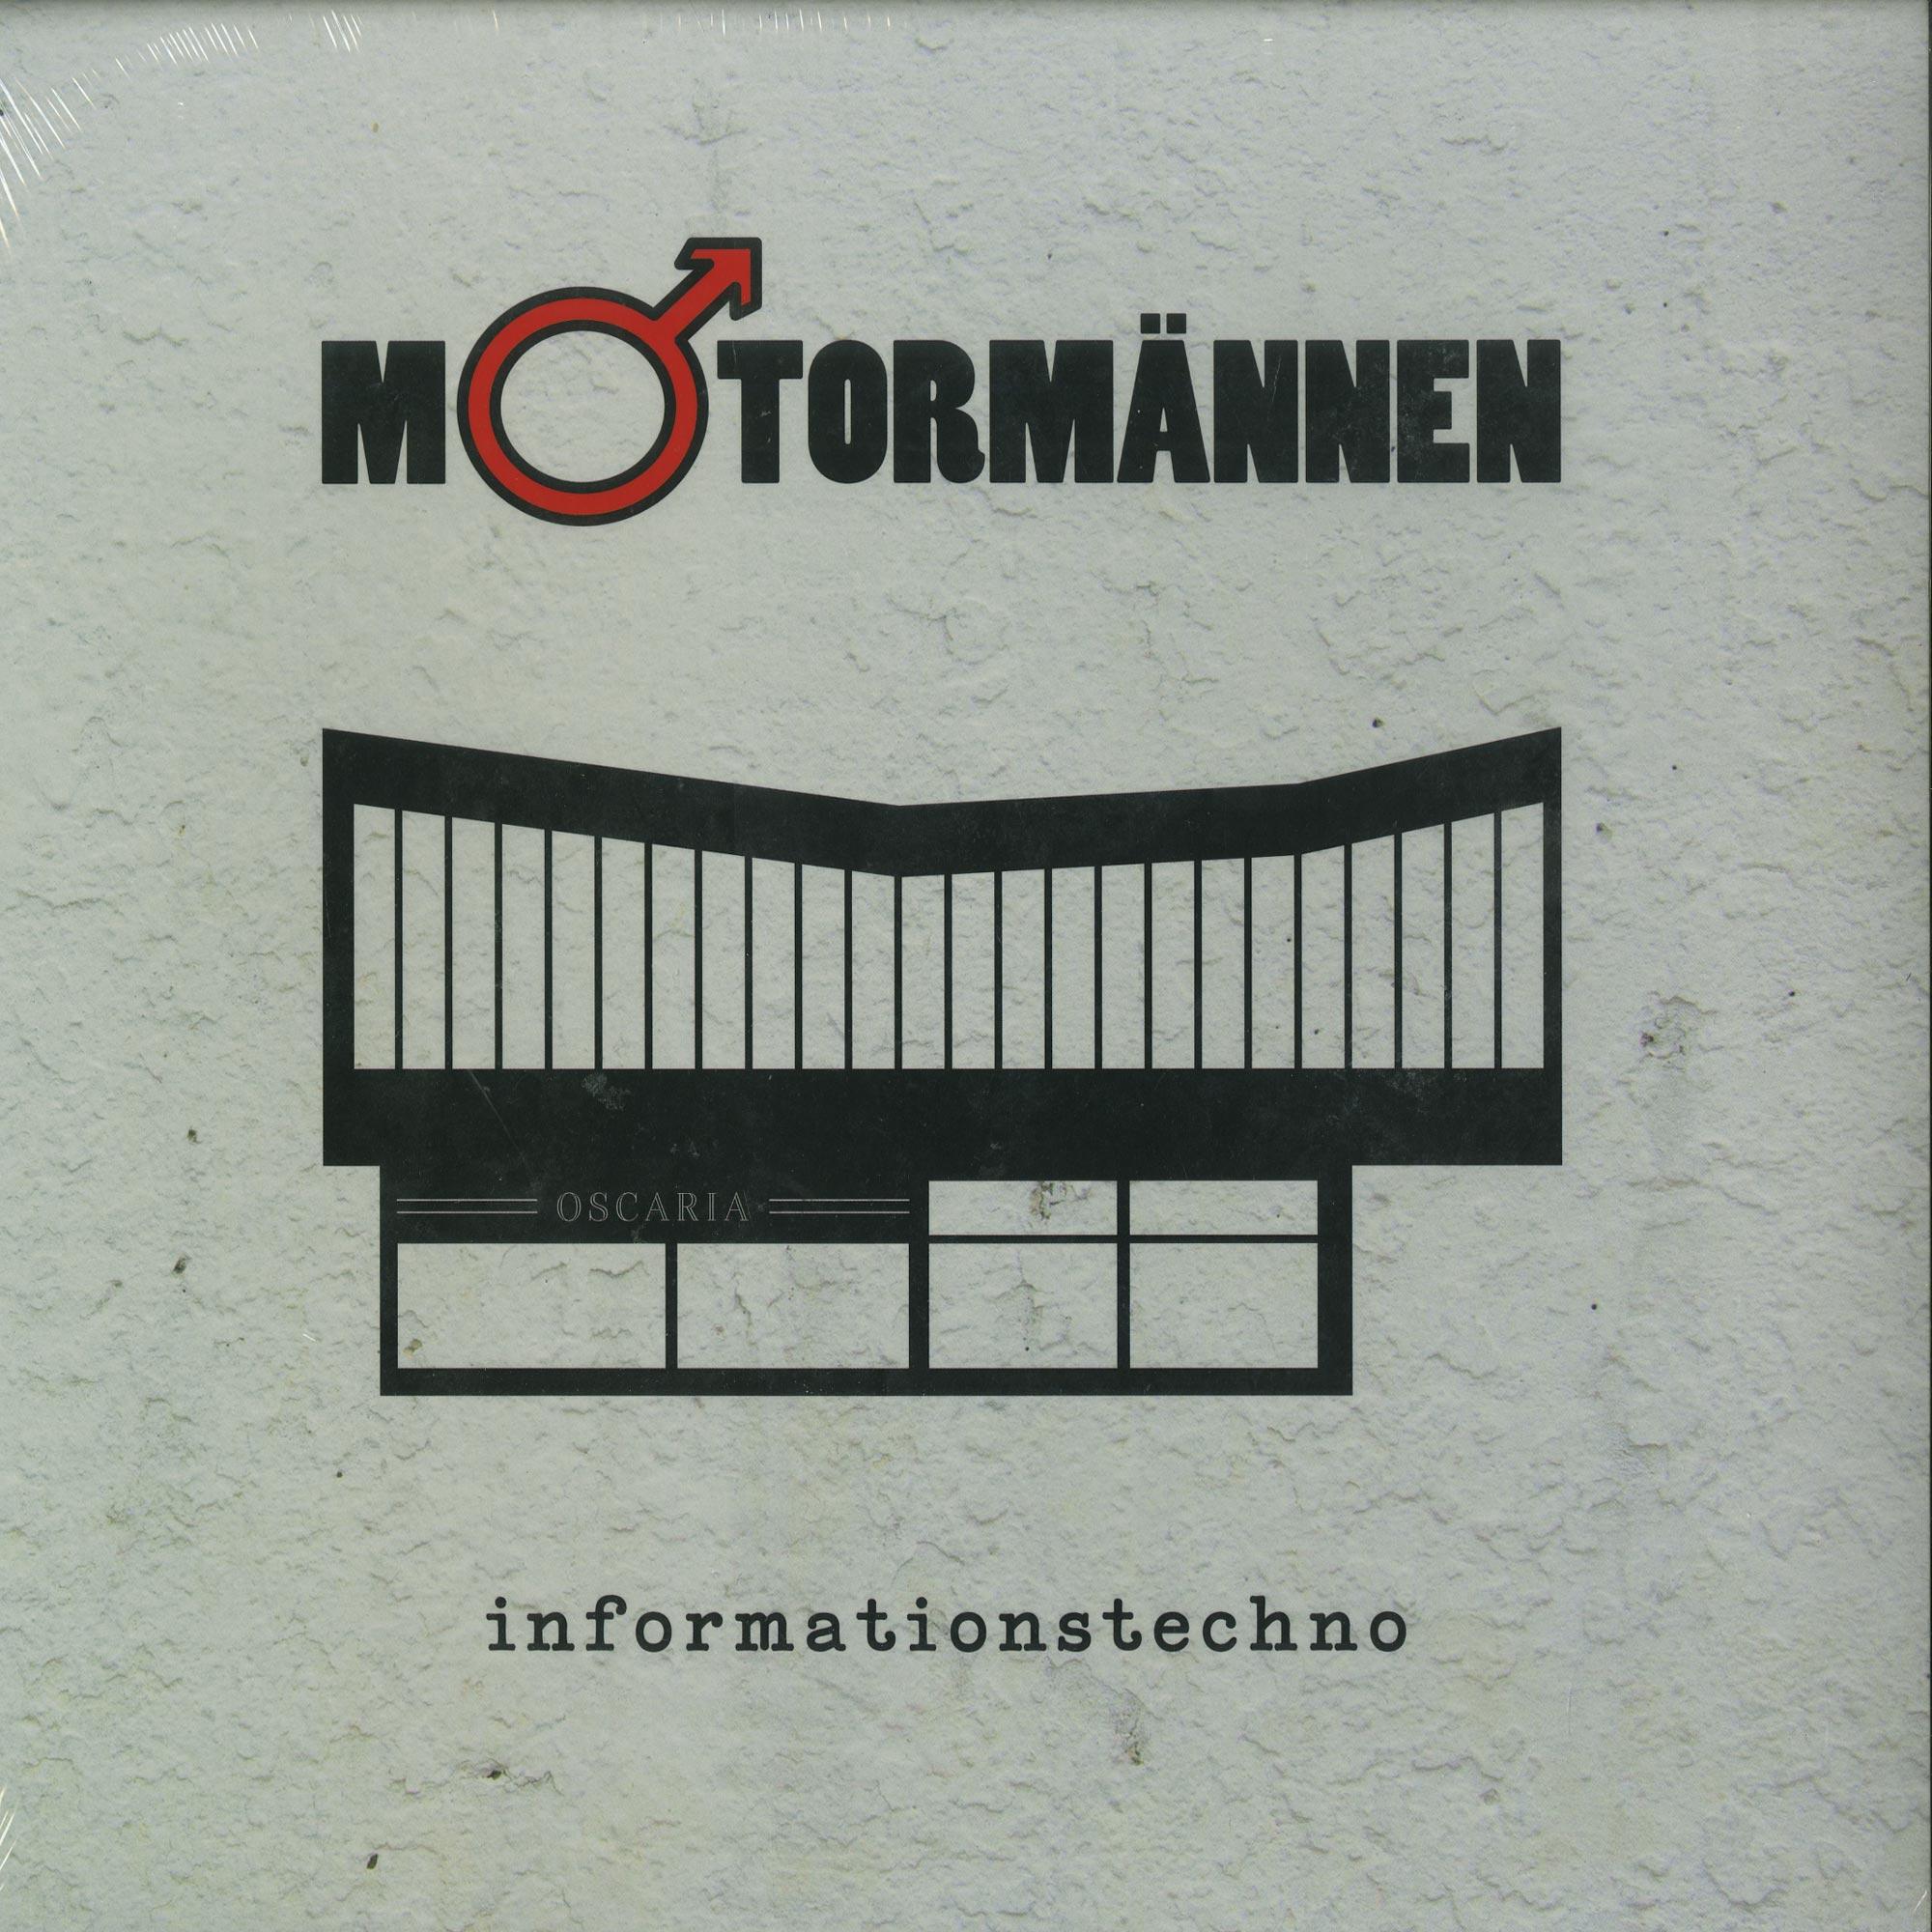 Motormannen - INFORMATIONSTECHNO